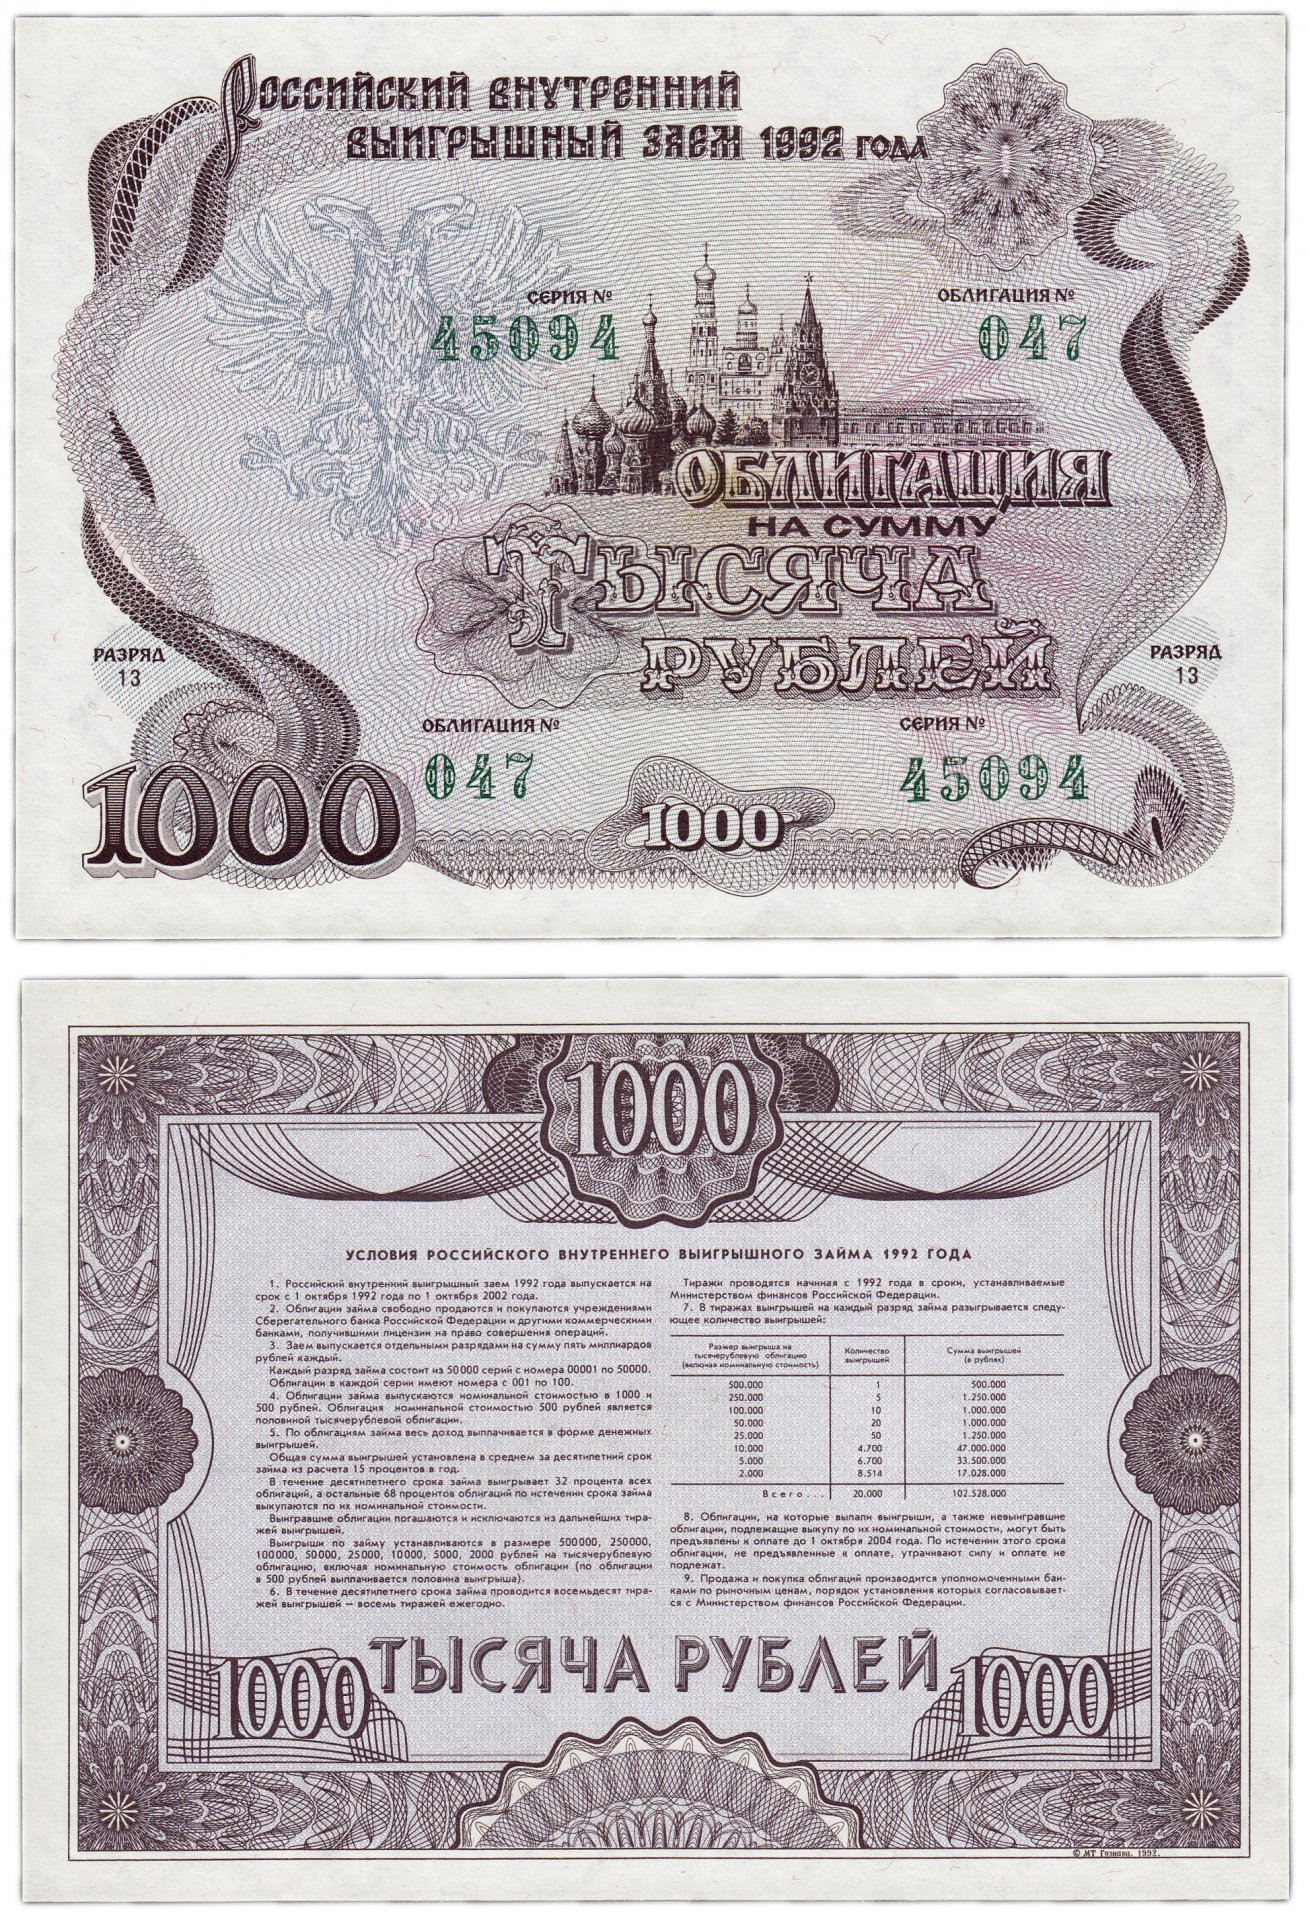 Облигации государственного займа и их цены образец заявления сотрудника на удержание займа из заработной платы